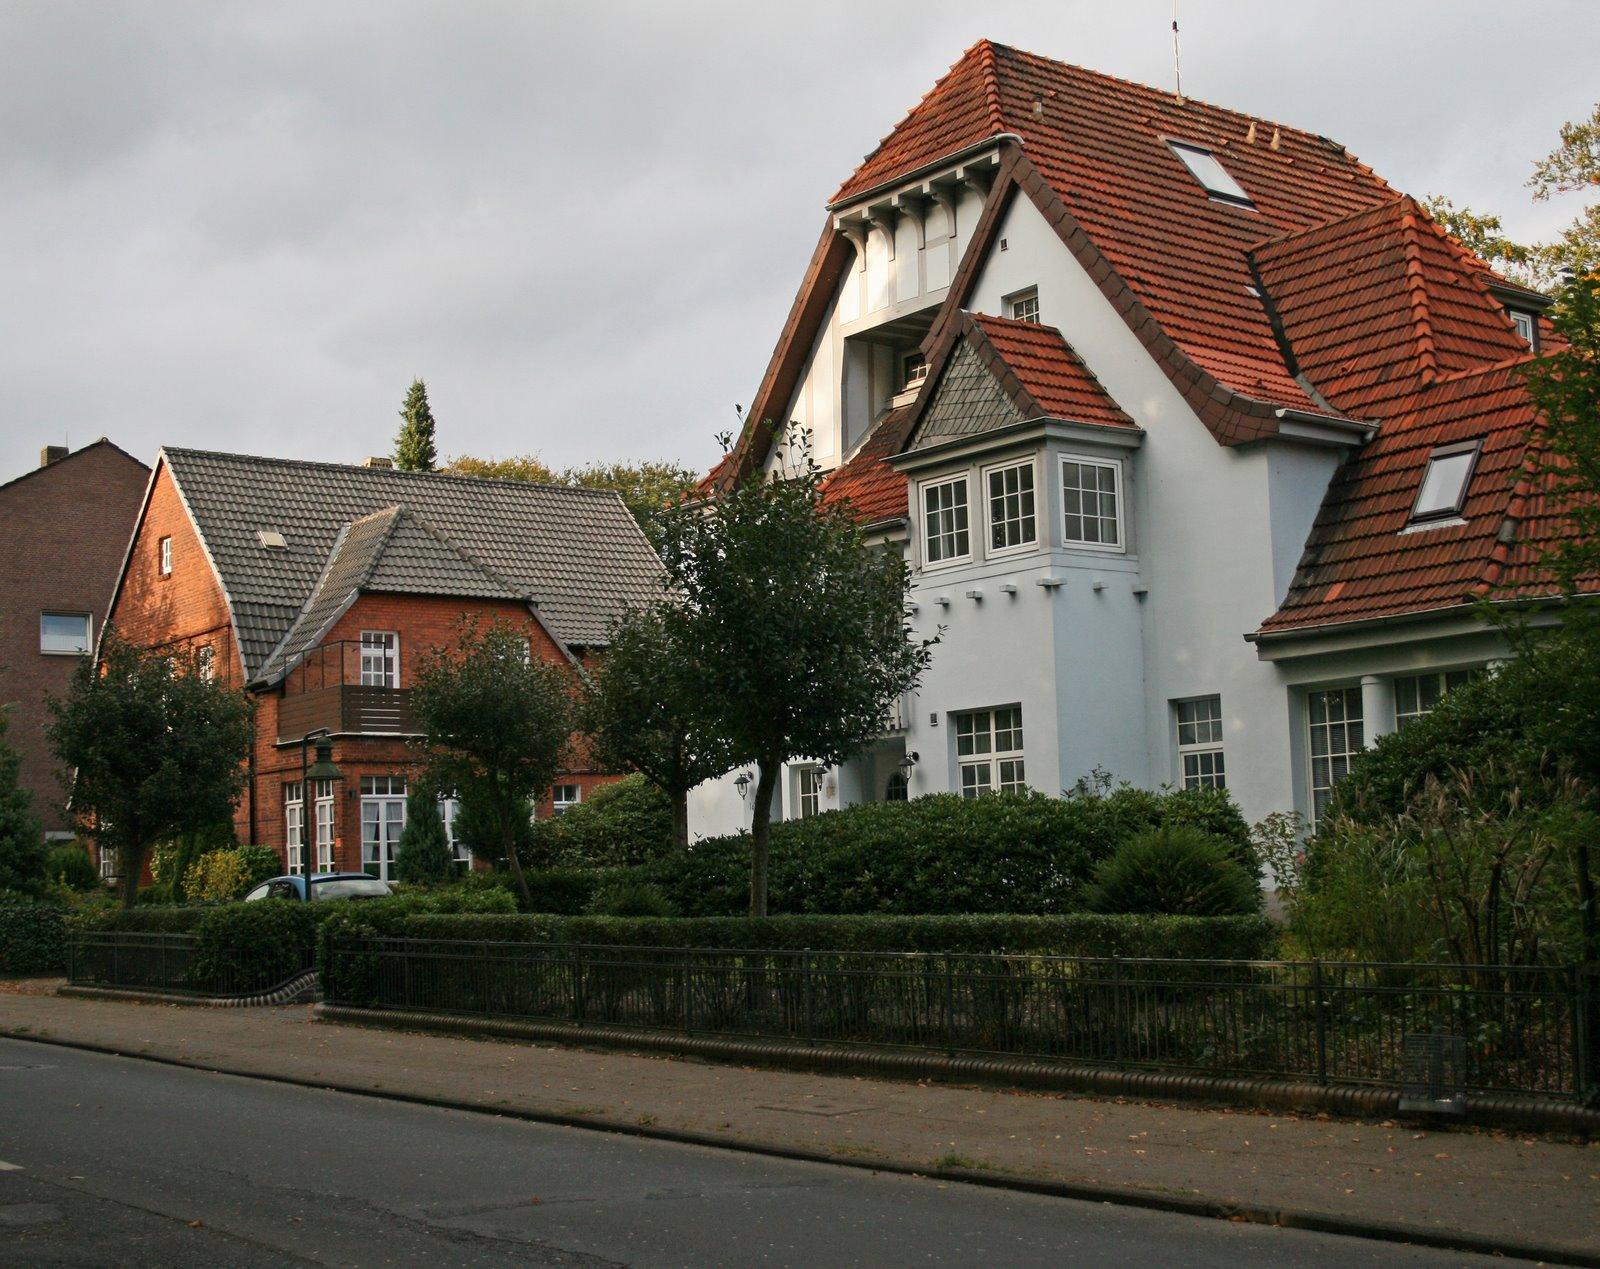 Bahnhofstr. 14 in Osterholz-Scharmbeck